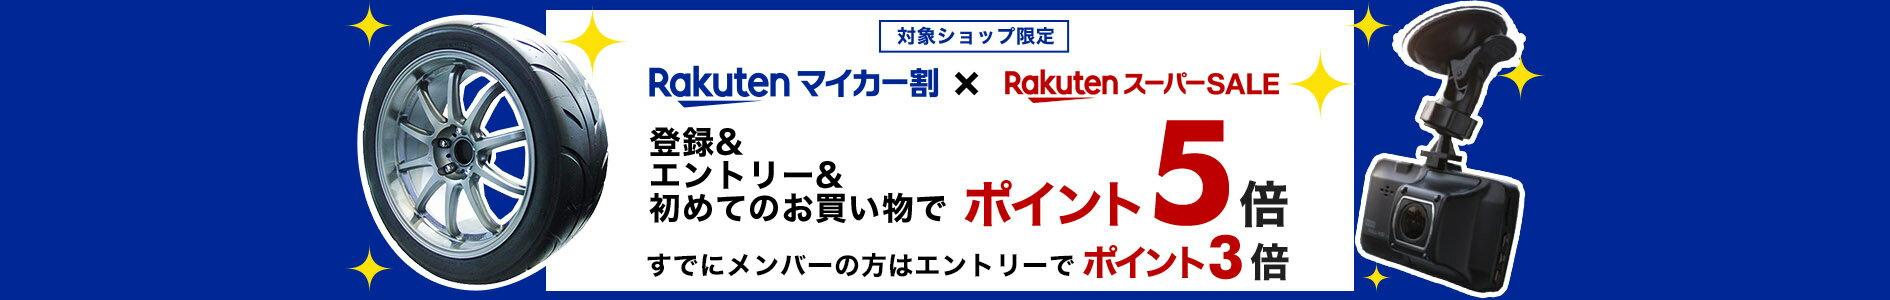 Rakutenマイカー割 RakutenスーパーSALE 登録&エントリー&初めてのお買い物でポイント5倍 すでにメンバーの方はエントリーでポイント3倍